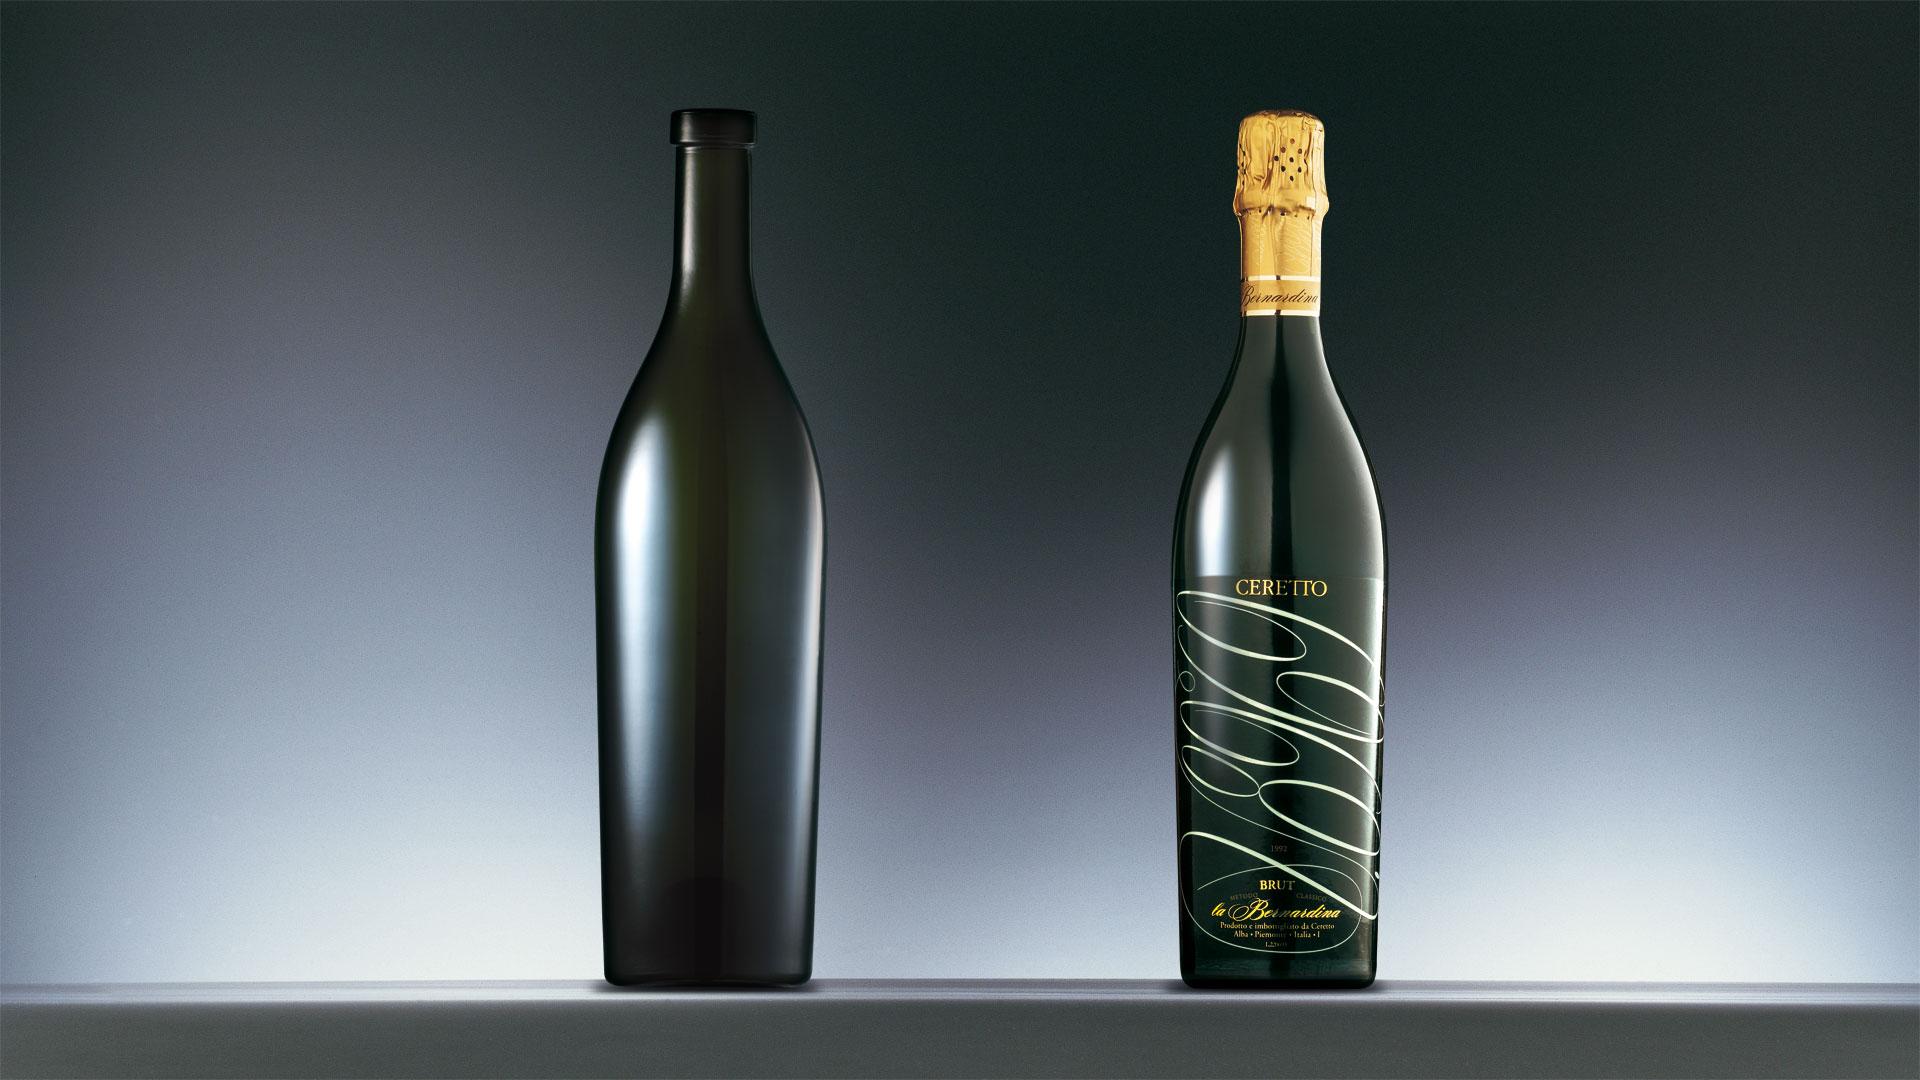 Ceretto La Bernardina bottle design